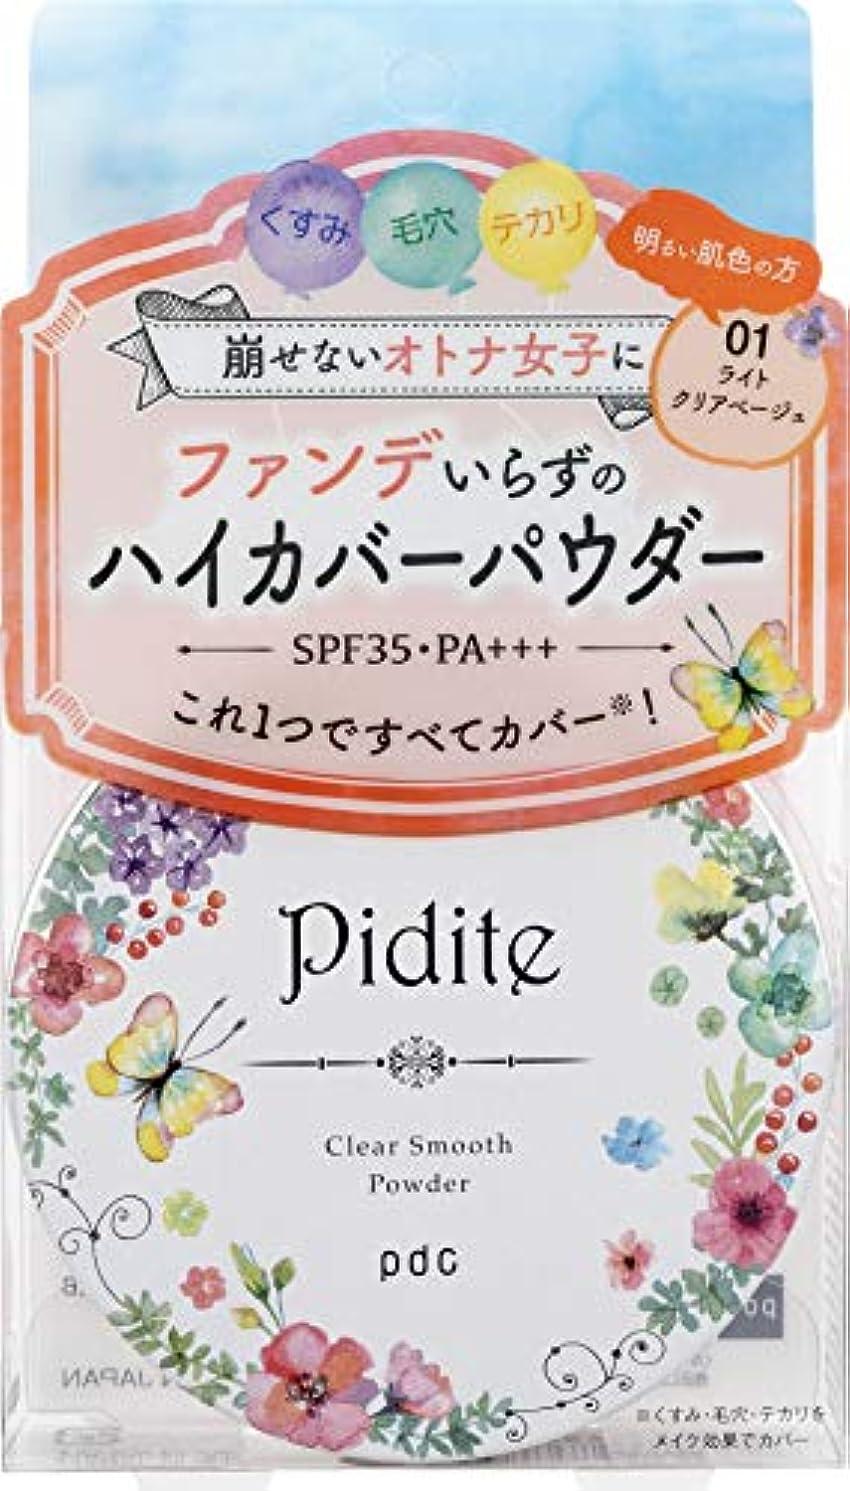 補正期待して賠償pidite(ピディット) ピディットクリアスムースパウダー LB ライトクリアベージュ 22g